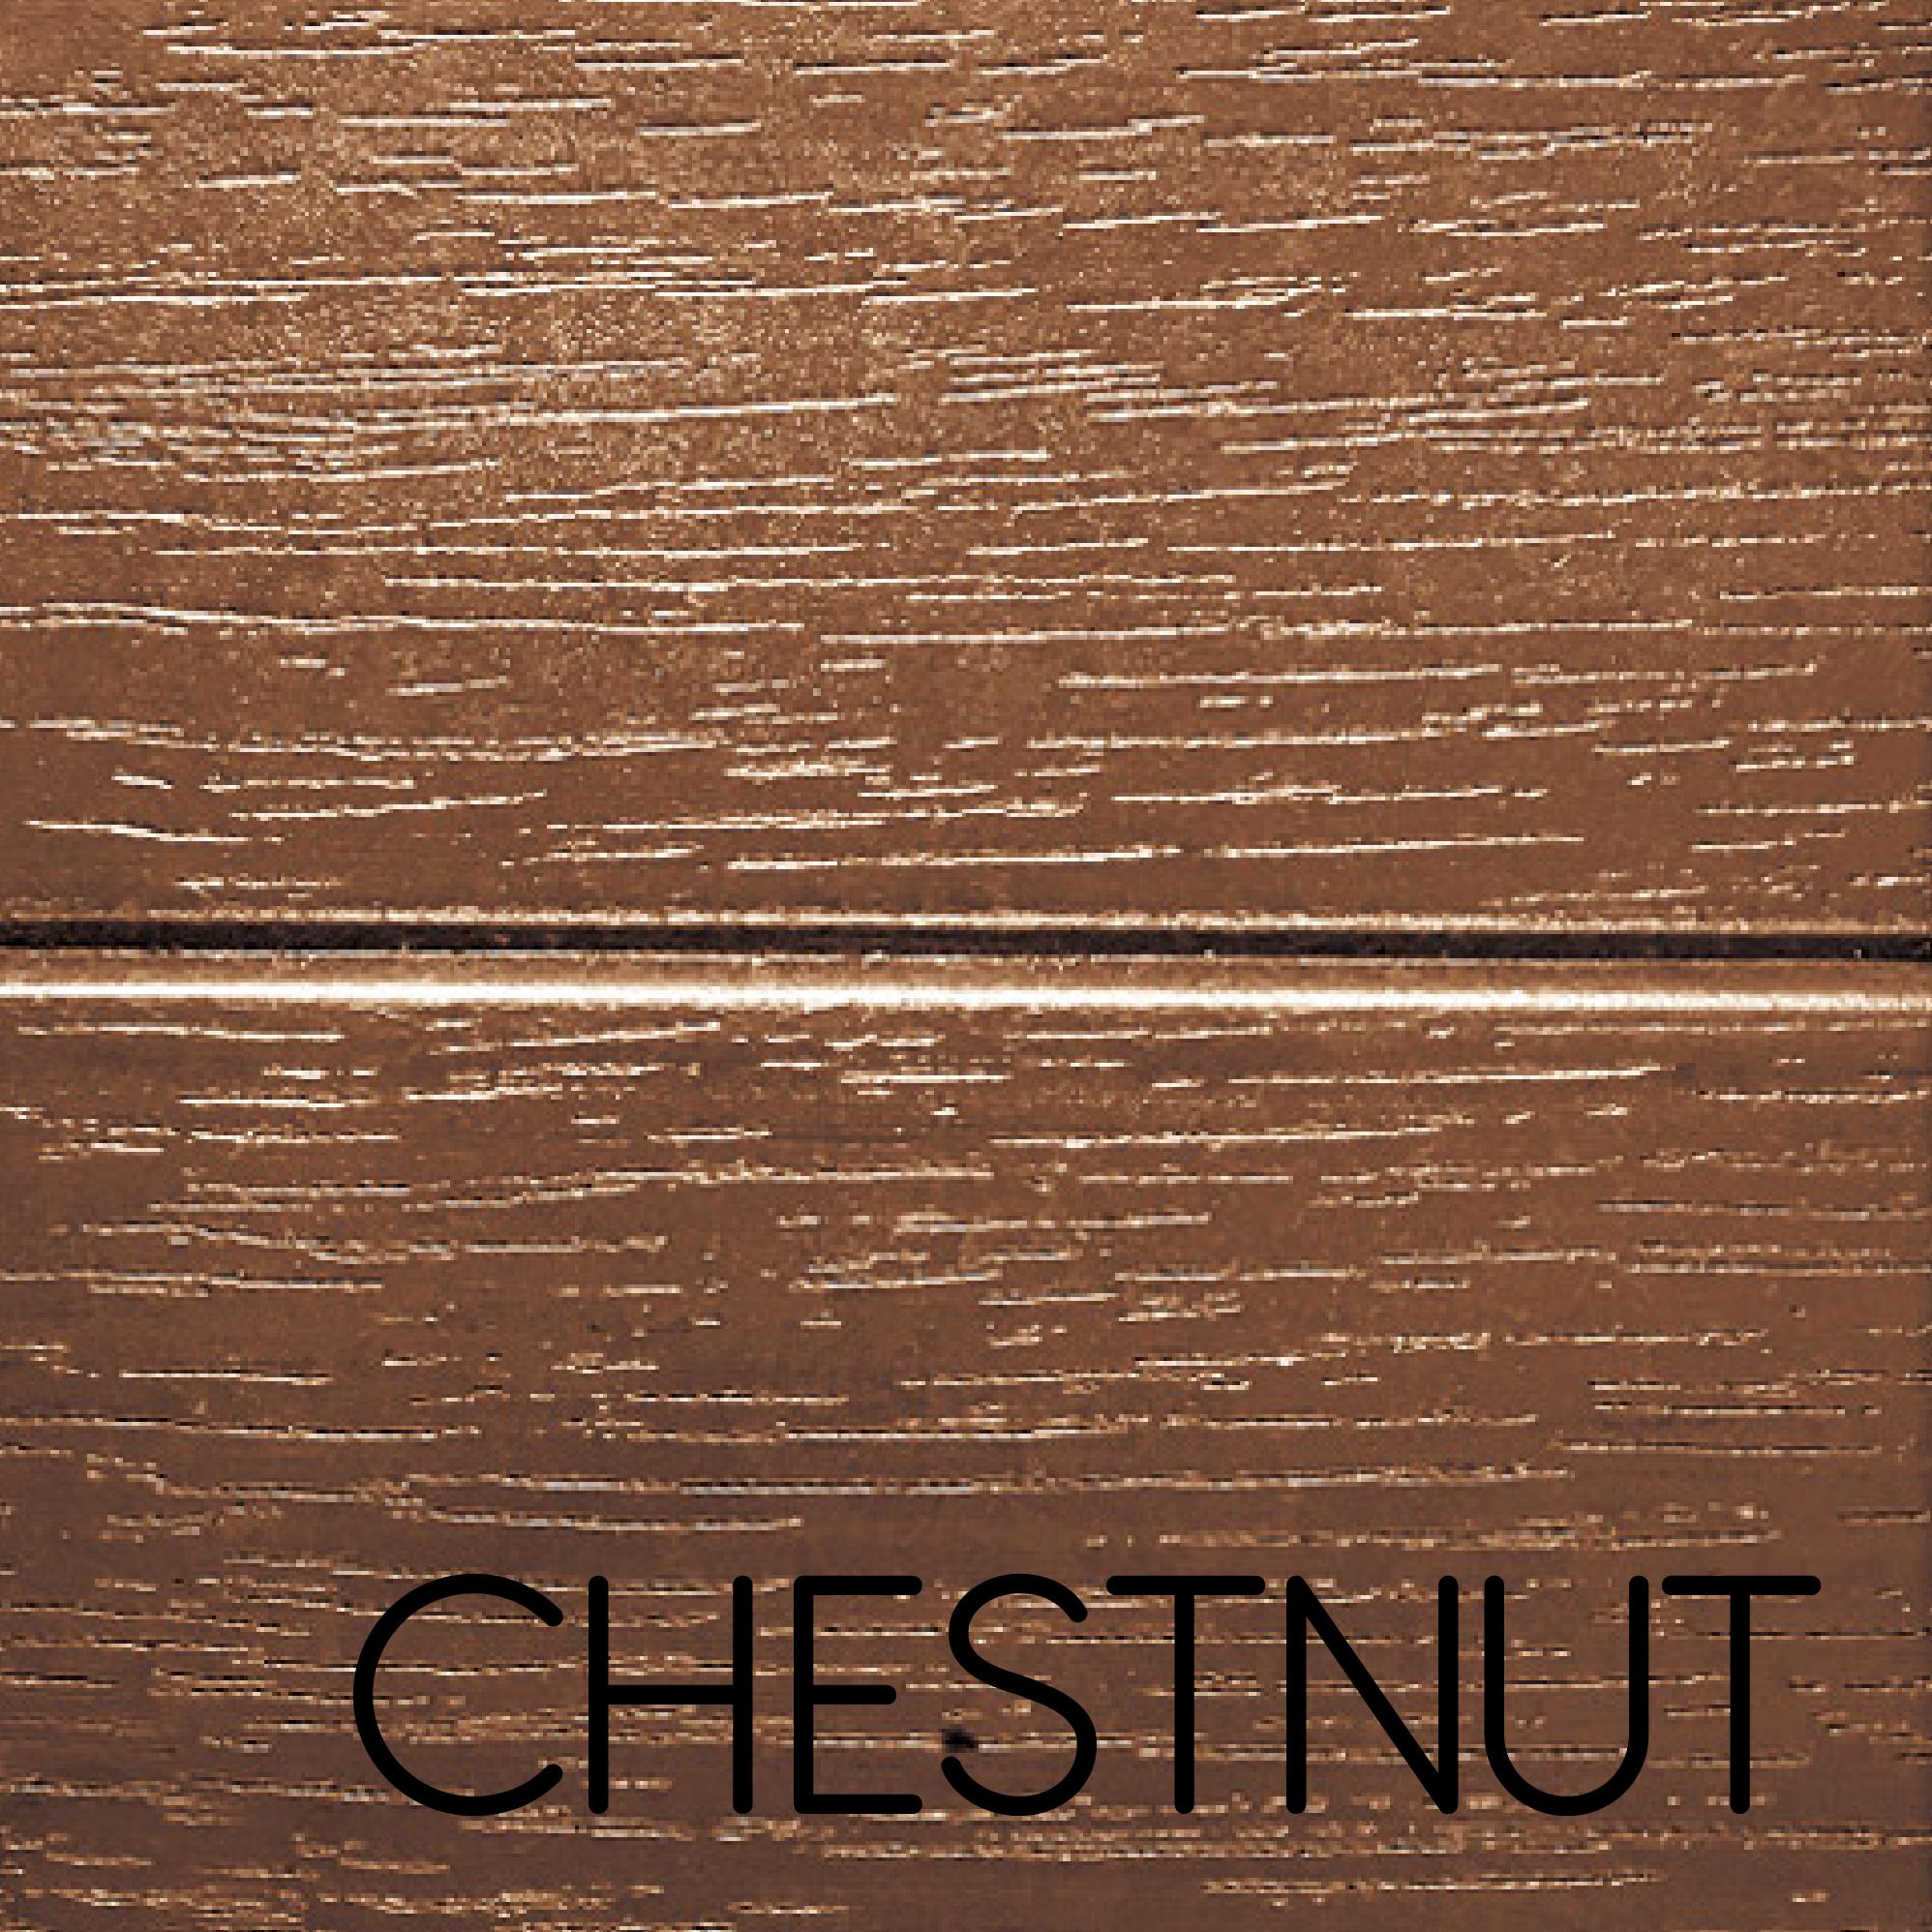 CHESTNUT 2-01.jpg